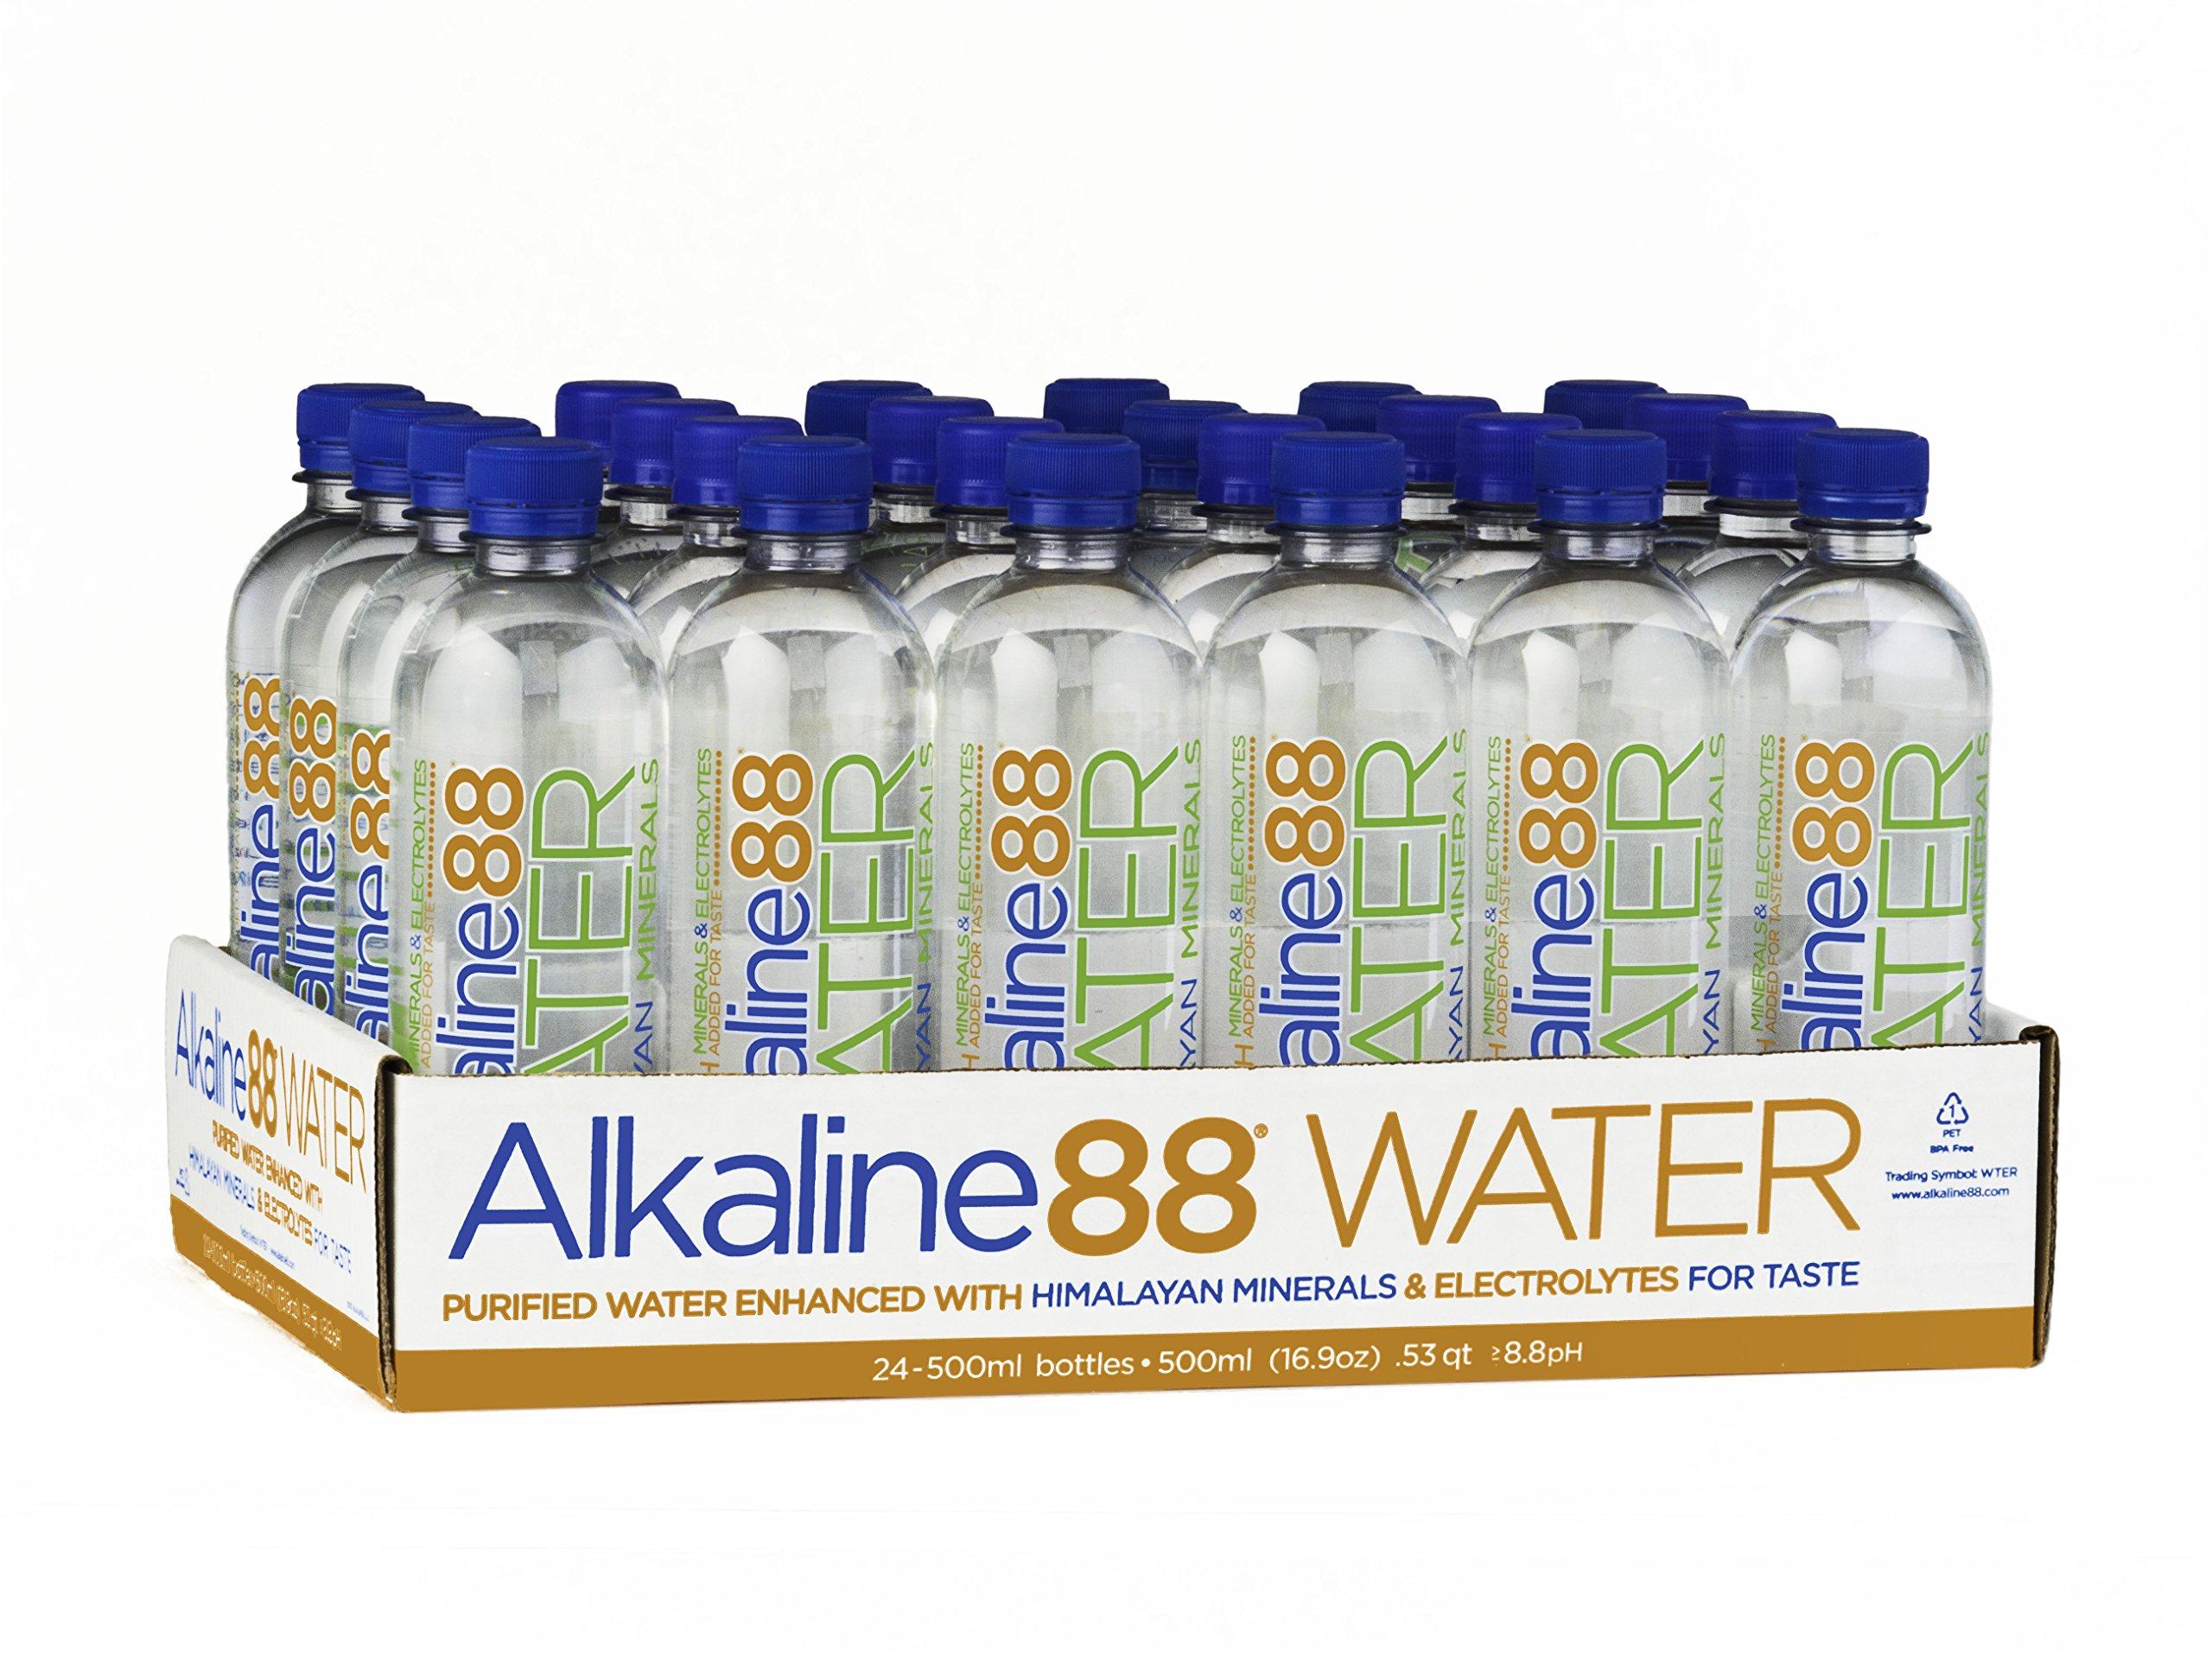 Alkaline88 Pack of 24, Bottled Water, 500 mL by Alkaline 88